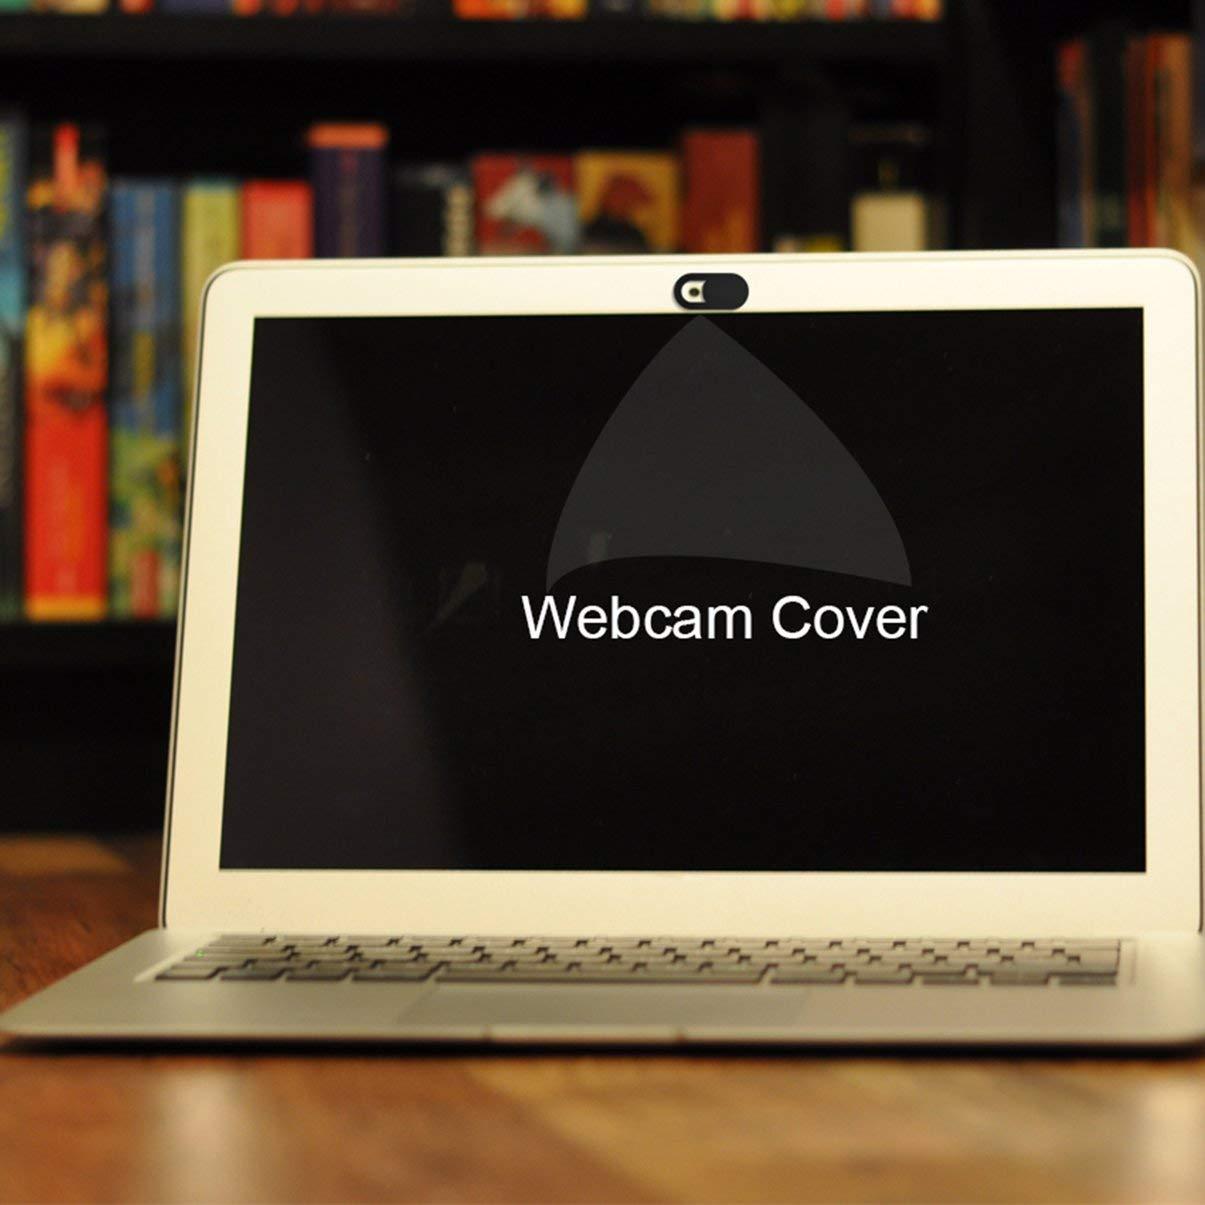 T1 Negro Cubierta de la webcam Cubierta ultra delgada de la c/ámara web Protecci/ón de la privacidad Etiqueta del obturador para tel/éfono inteligente Tablet PC de escritorio